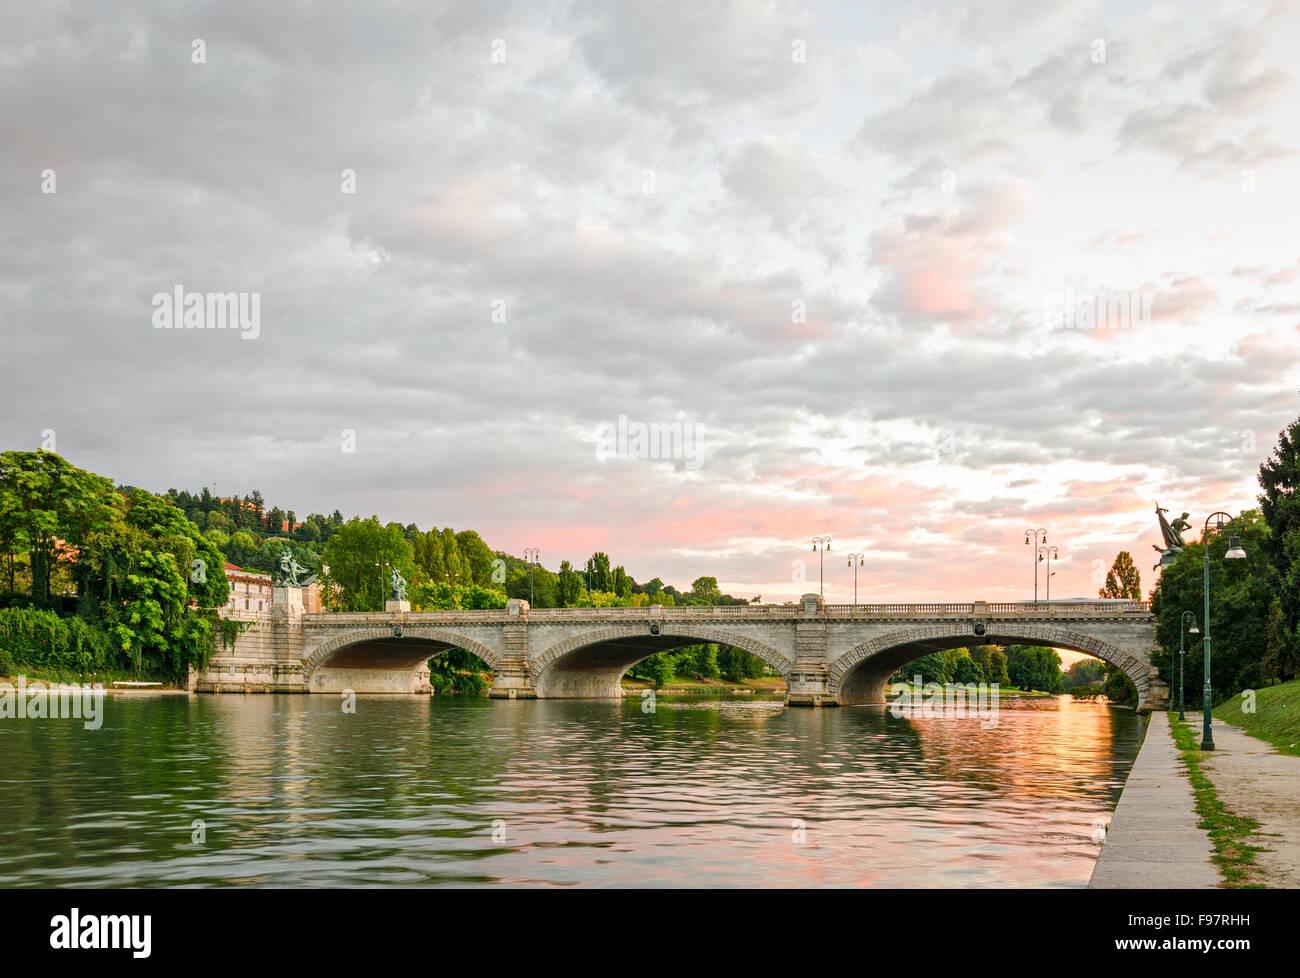 Turin (Torino), Bridge Umberto I and river Po at sunset Stock Photo